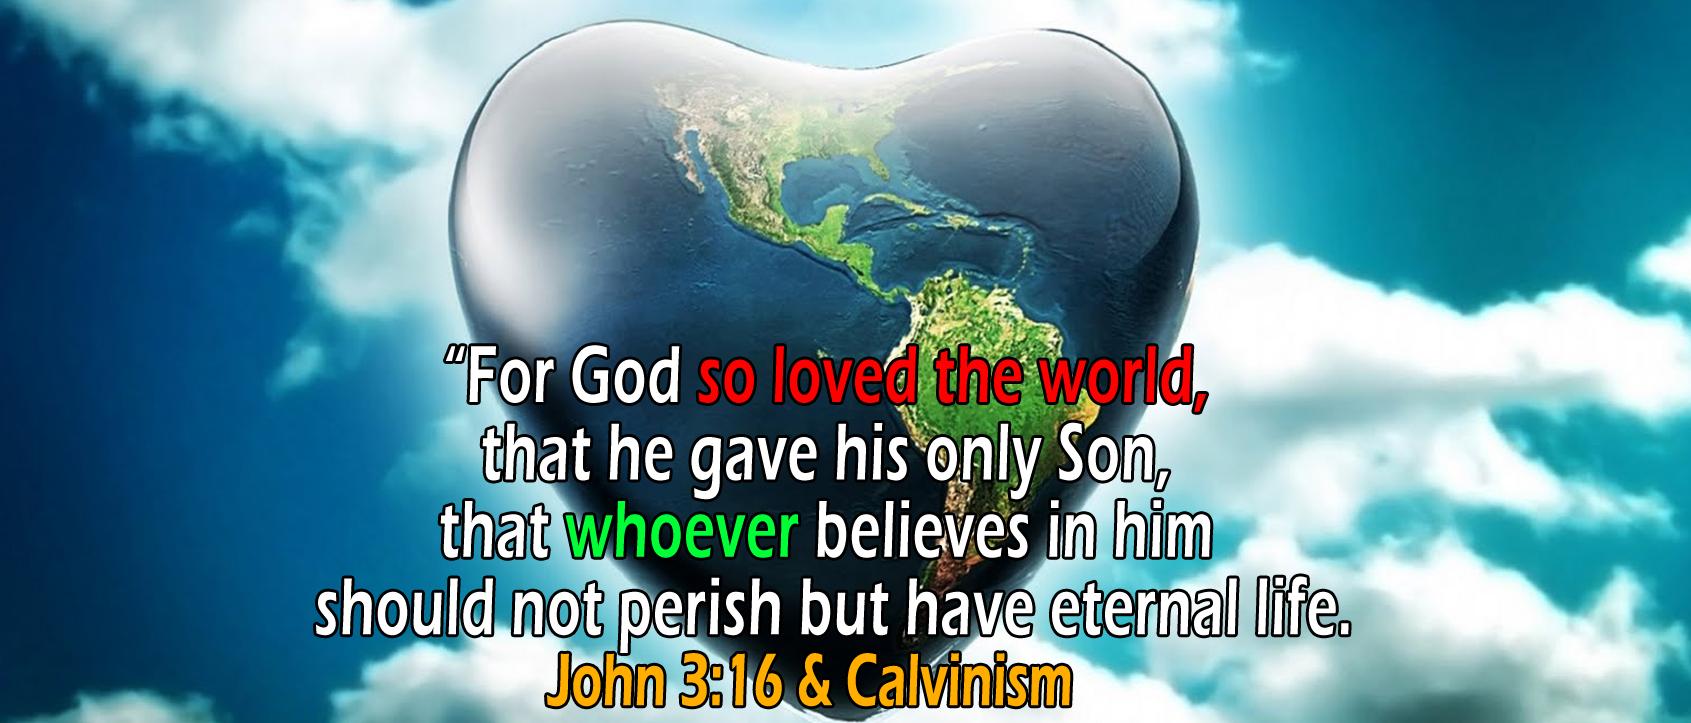 John 3:16, 'God so loved the world'